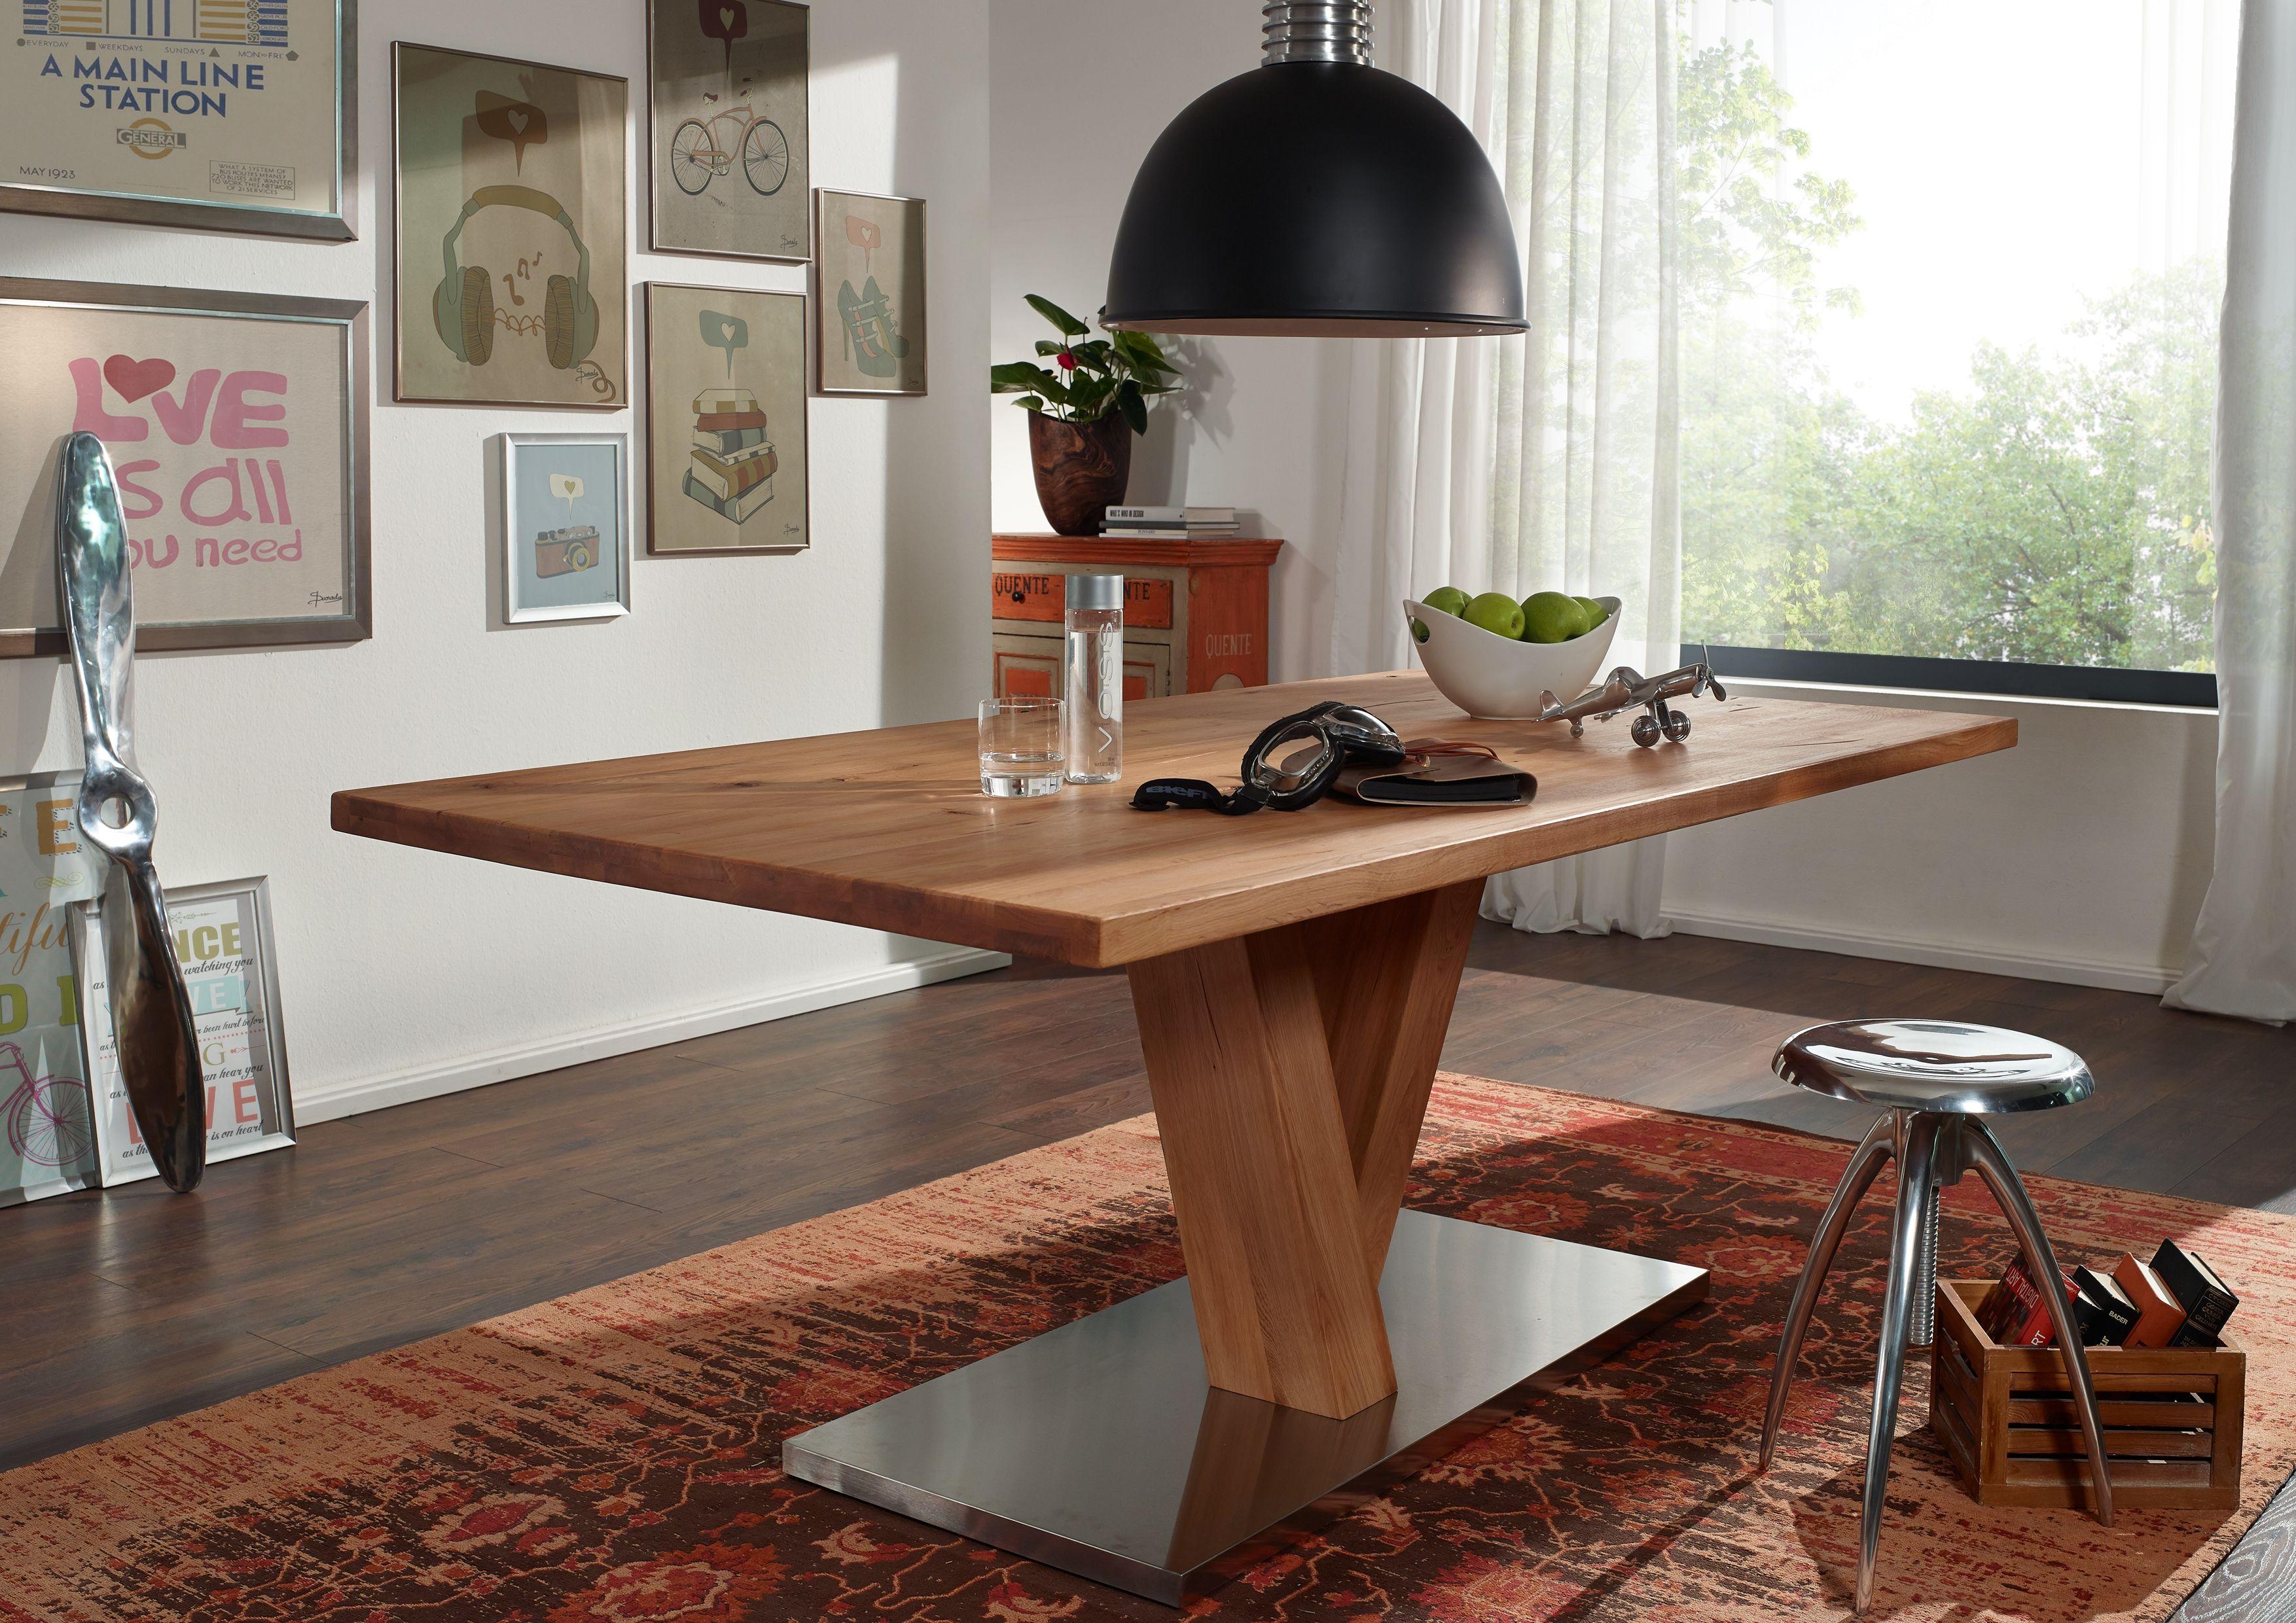 Esstisch der serie bremen mit natur riss optik wildeichenholz in kombination mit edelstahl - Esszimmer bremen ...